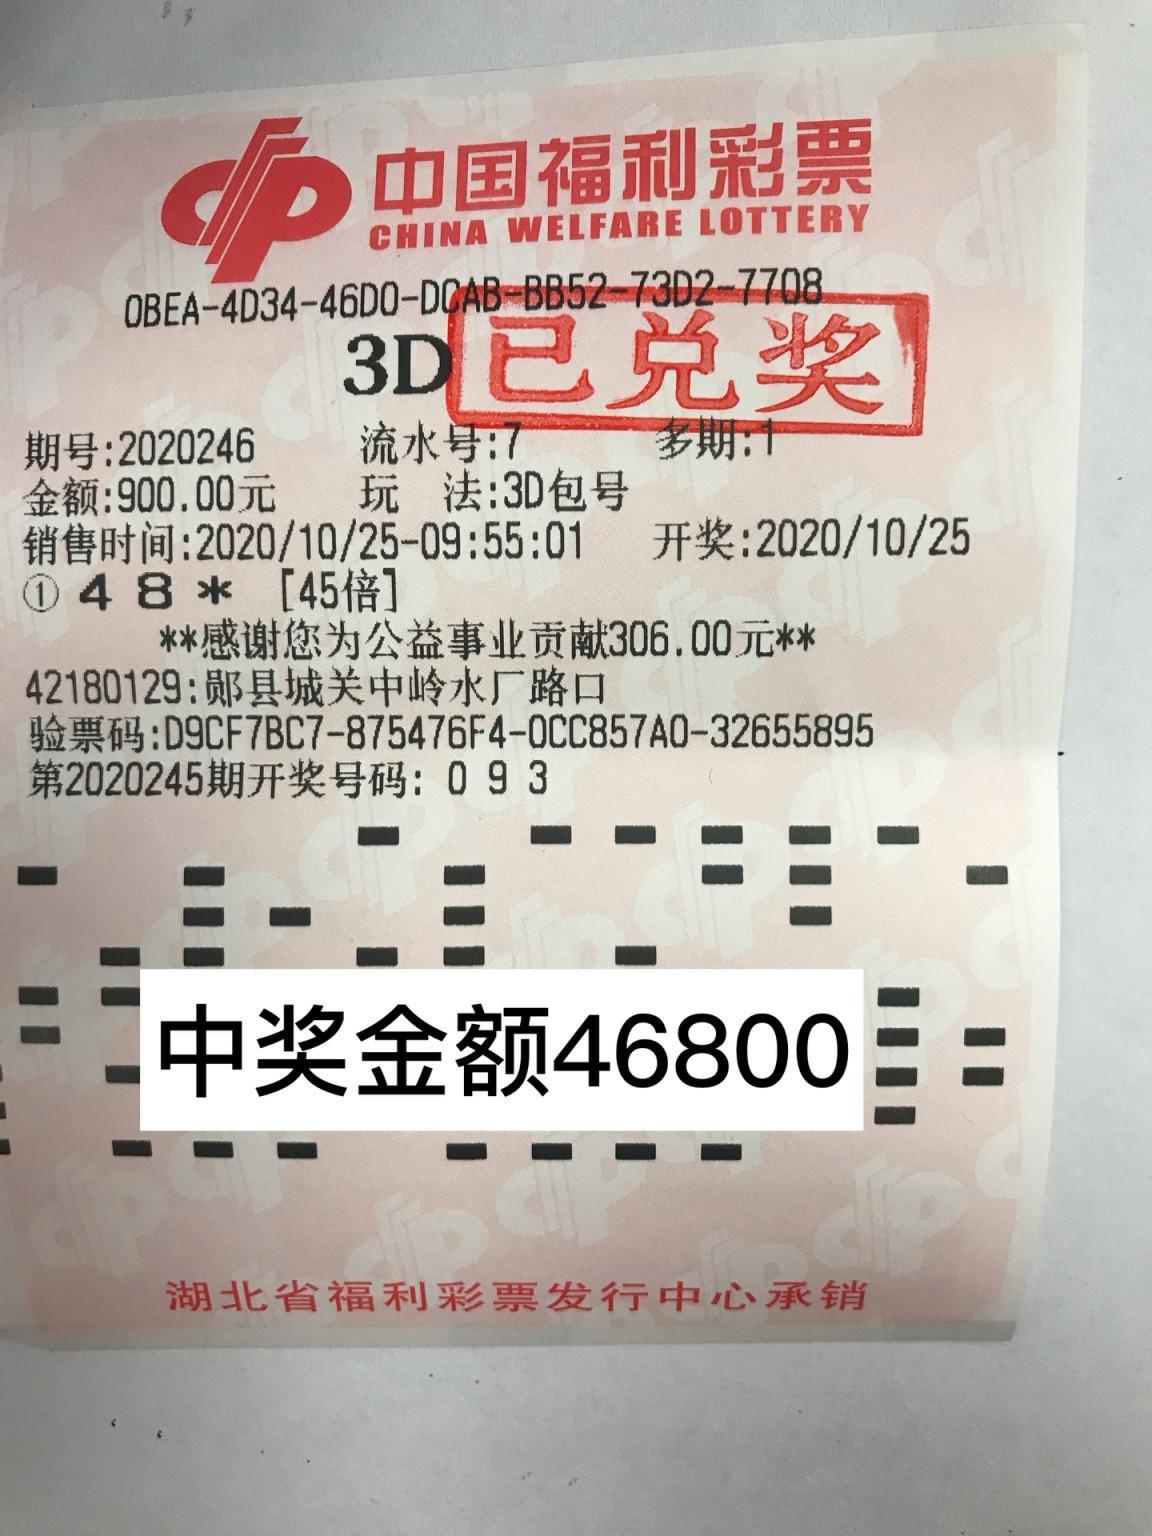 郧县老彩民守号3D,惊喜收获30.68万元